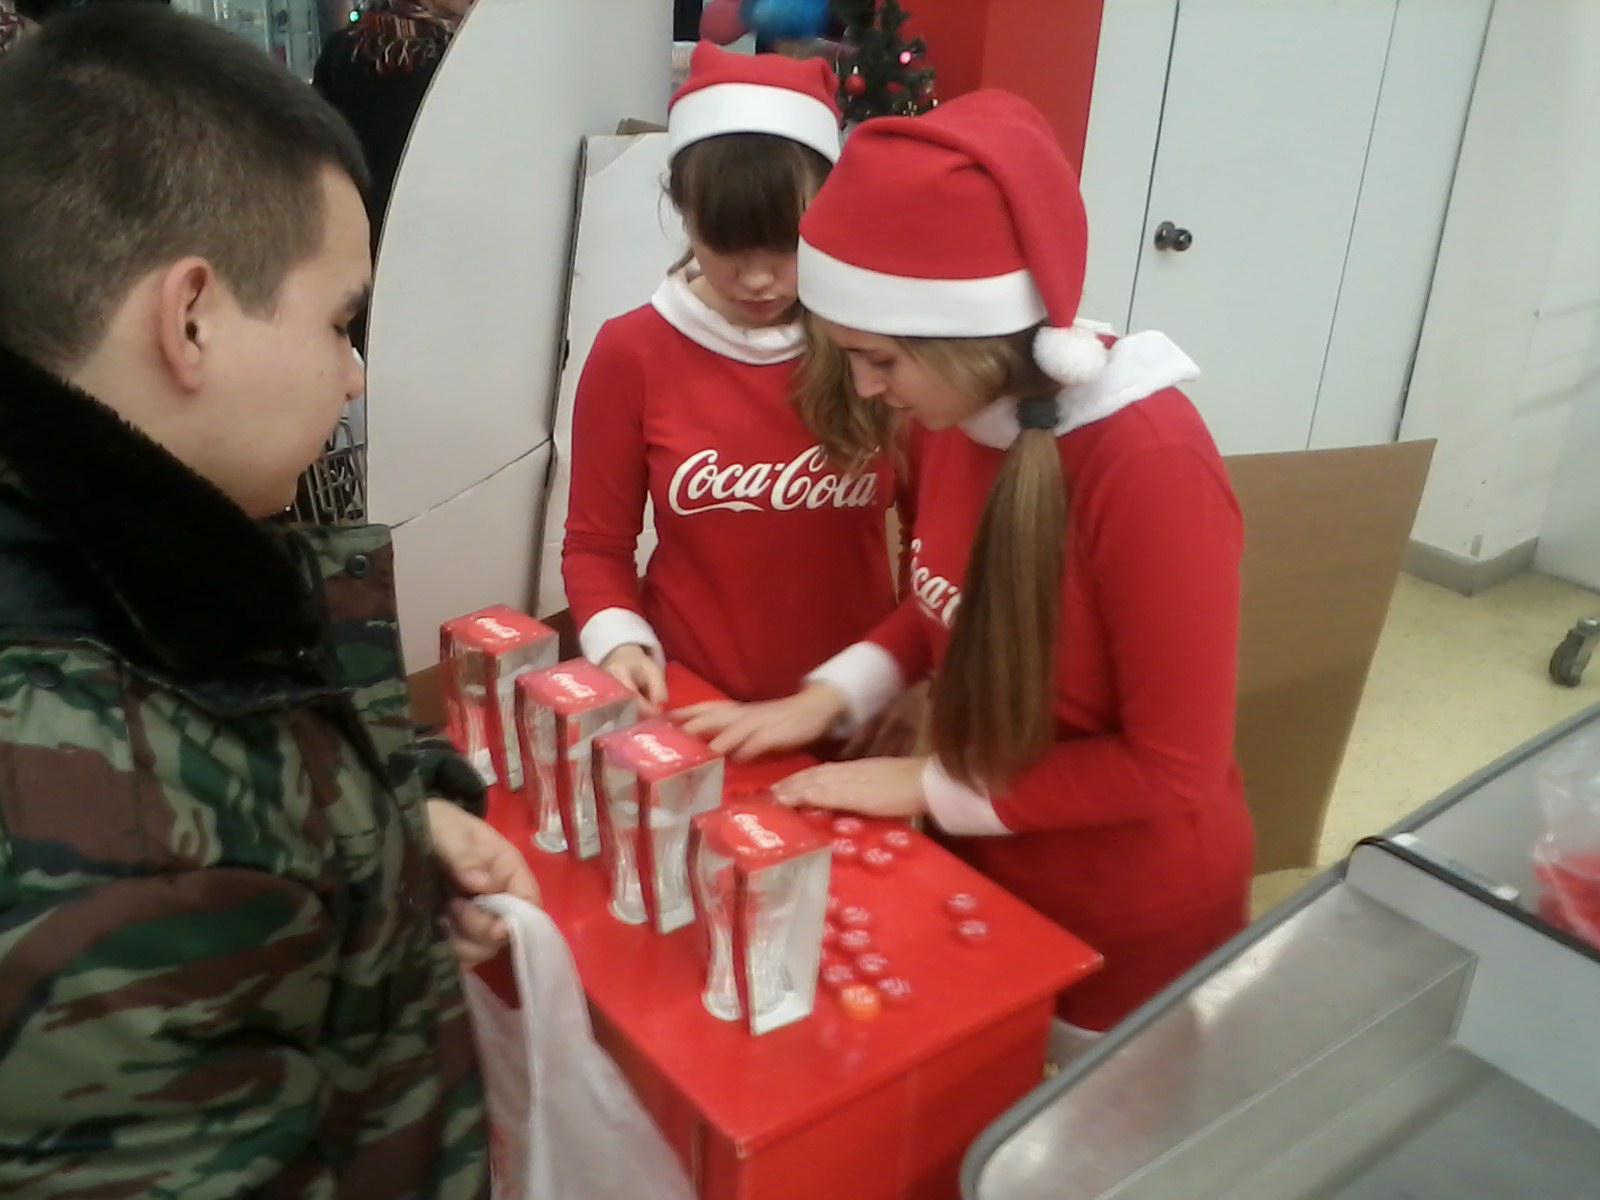 Участок пункты обмена крышек кока-кола 2015 ростов страхование Фонде